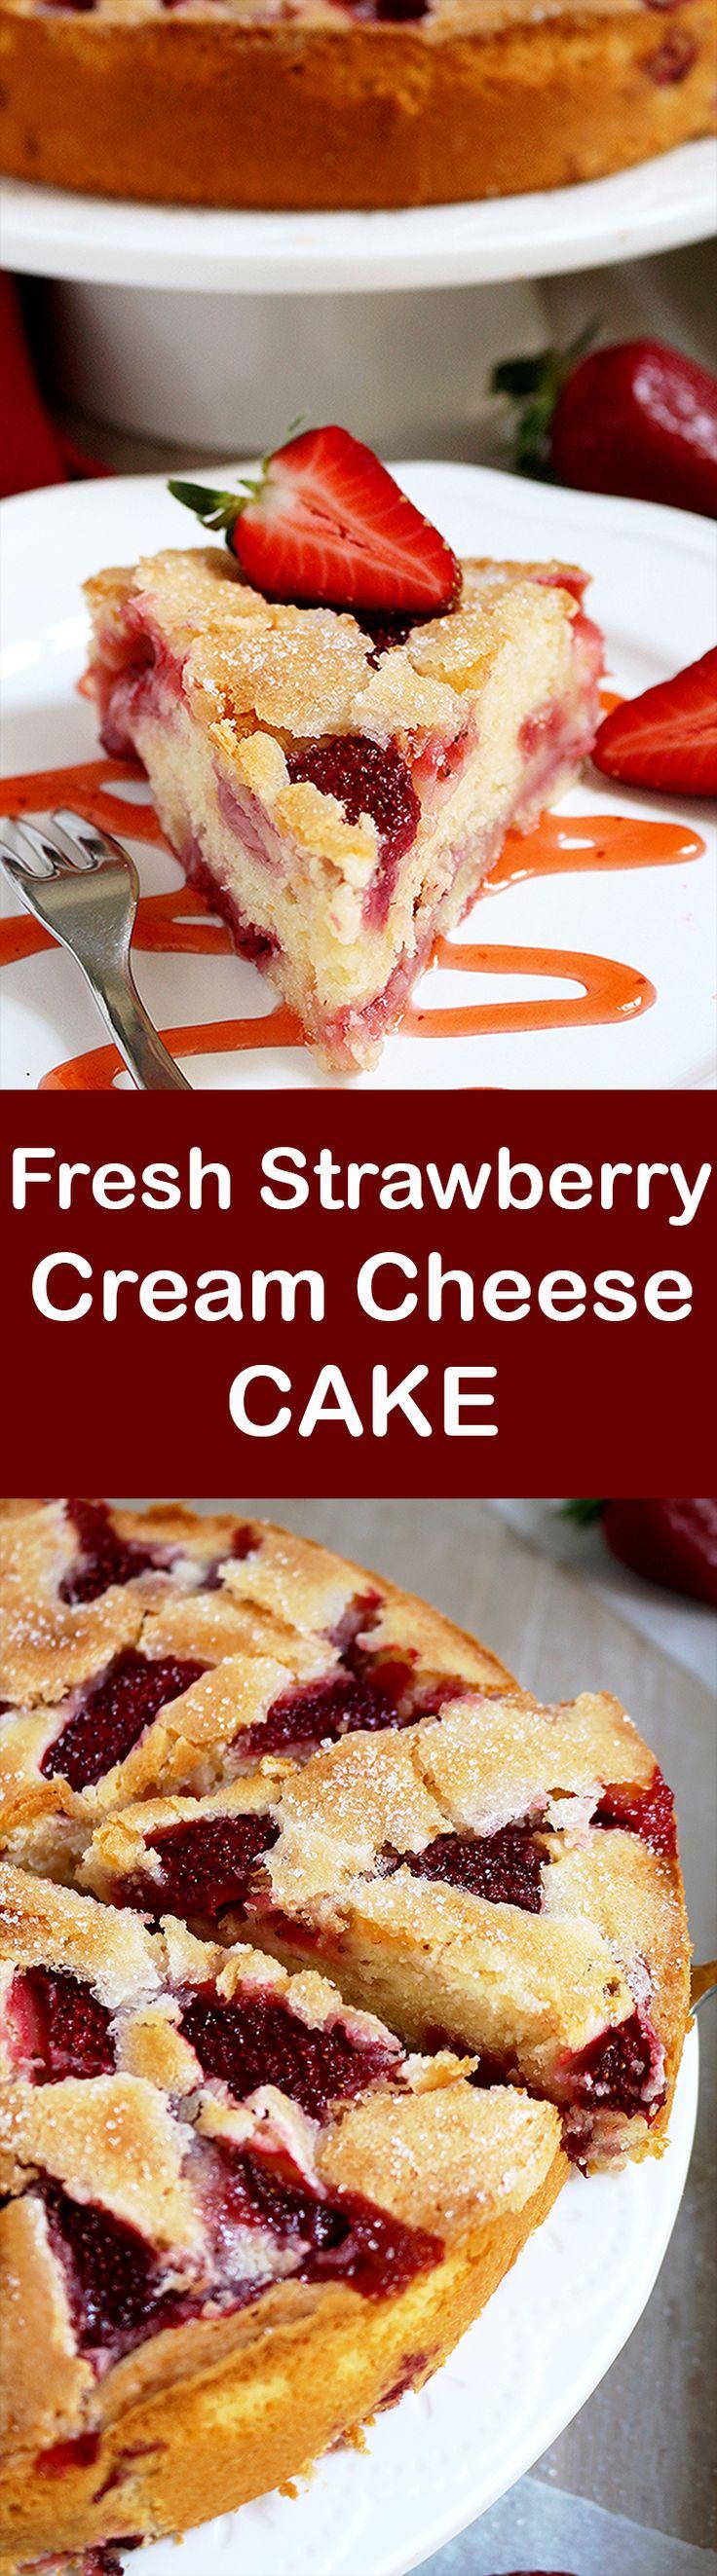 Fresh Strawberry Cream Cheese Cake